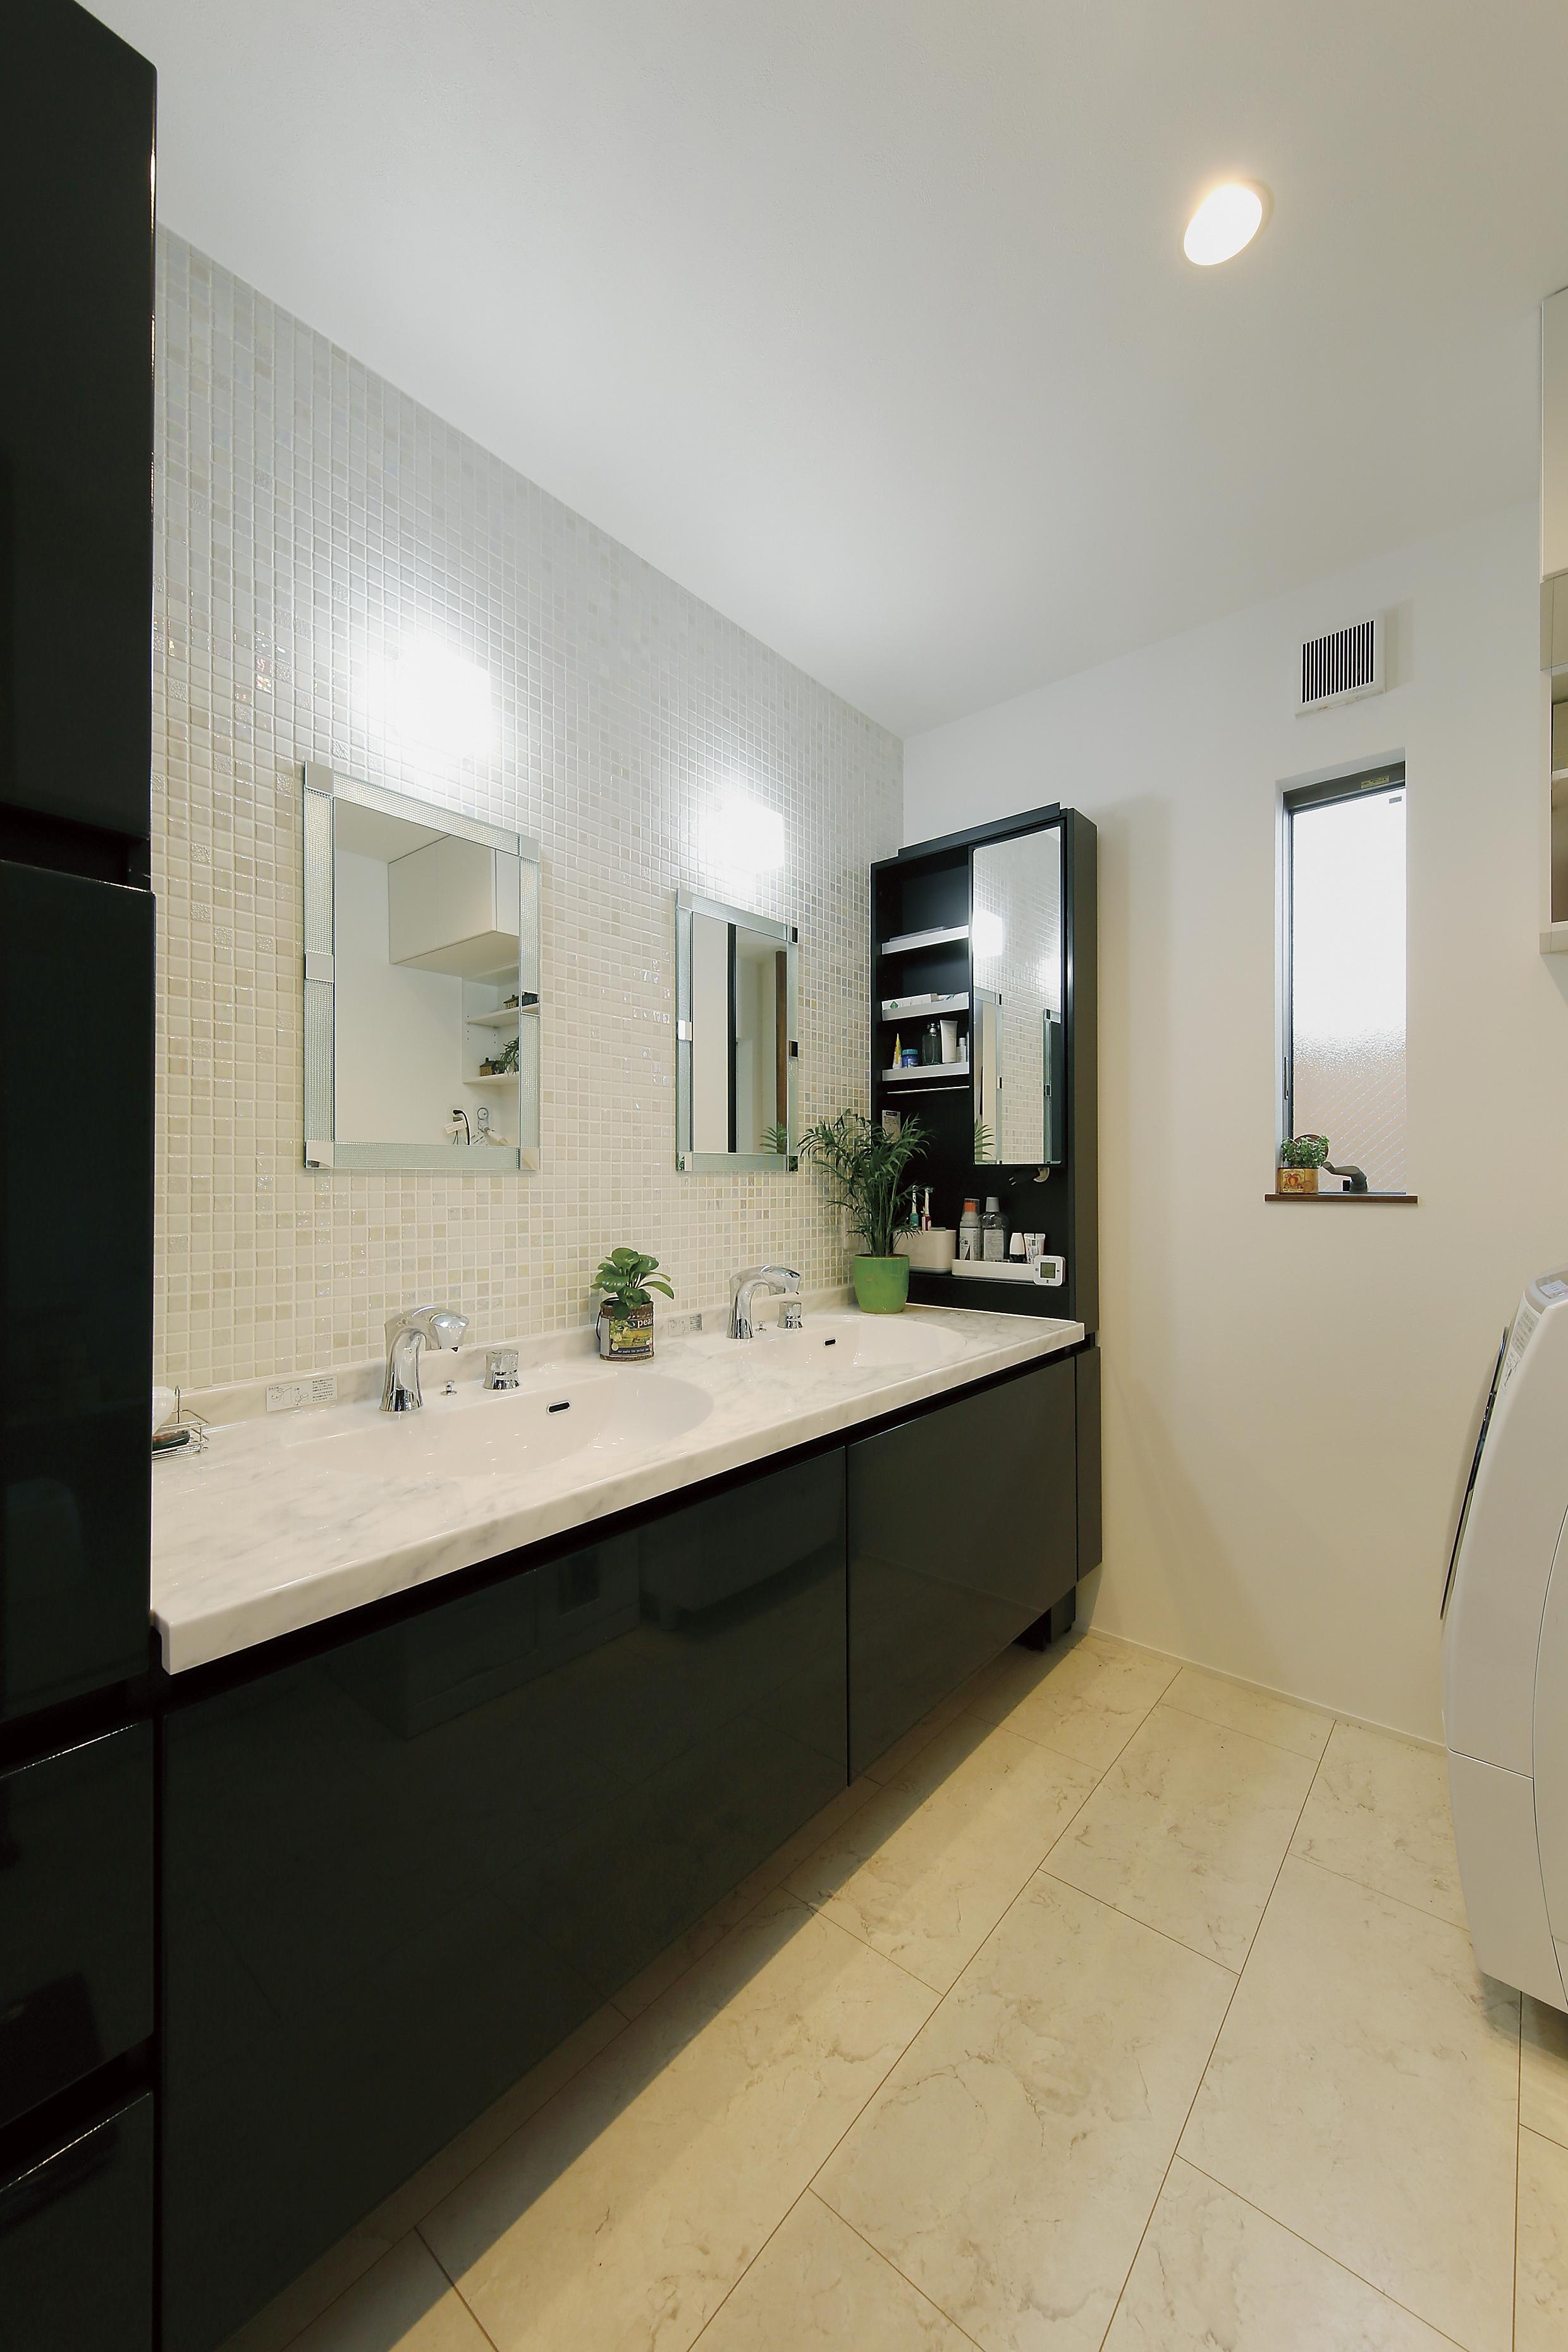 ホテルライクな演出はLDKだけでなく、洗面所にも光ります。